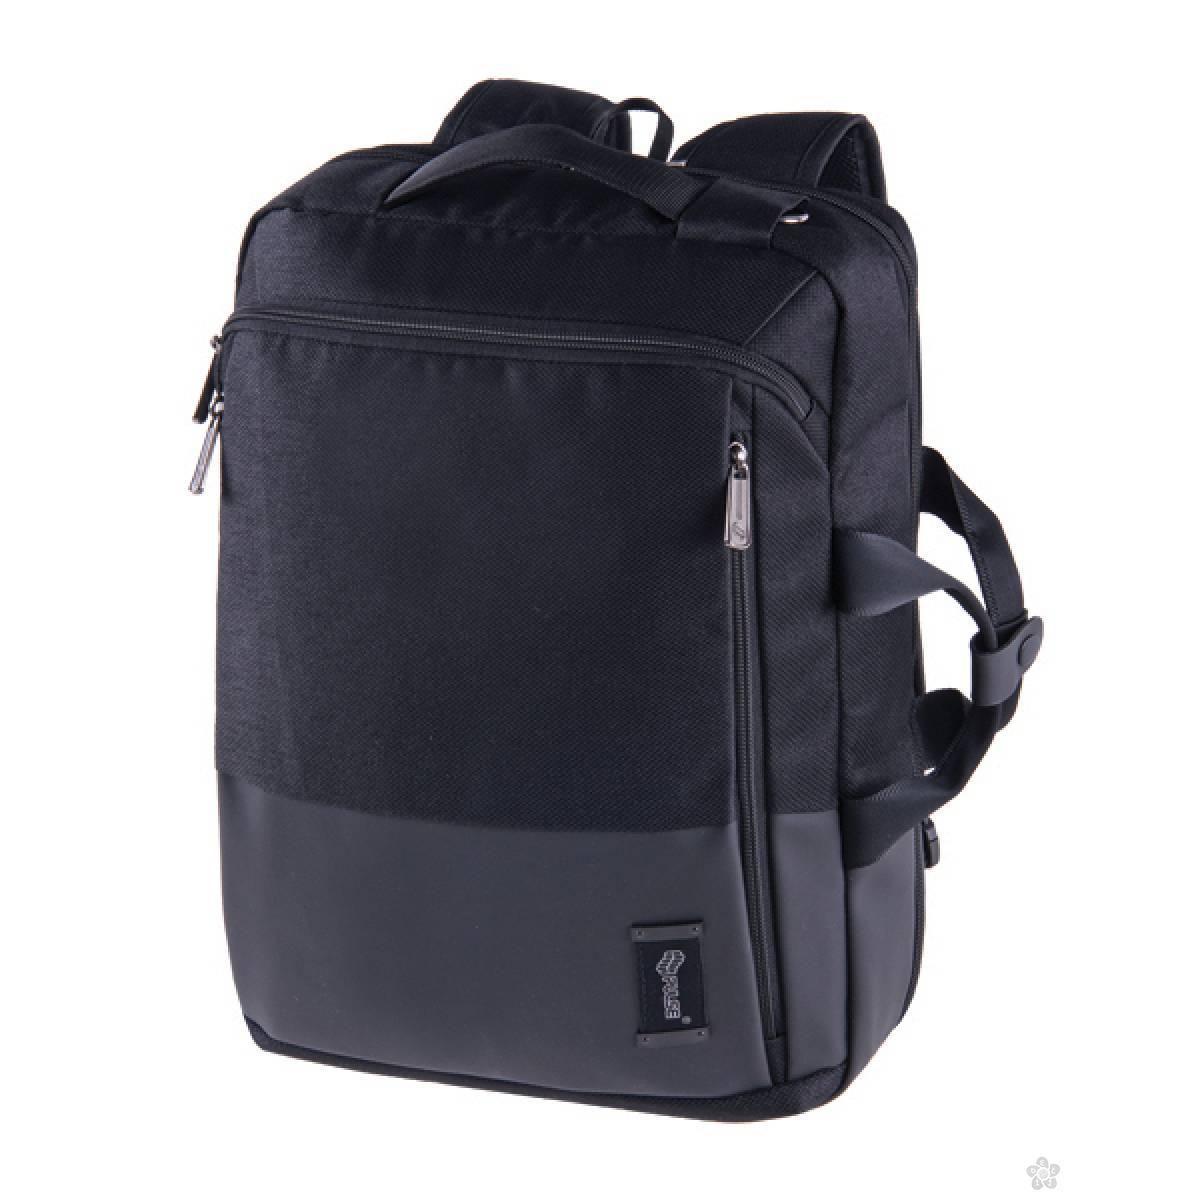 Ranac/Poslovna torba Neptun Black 121528